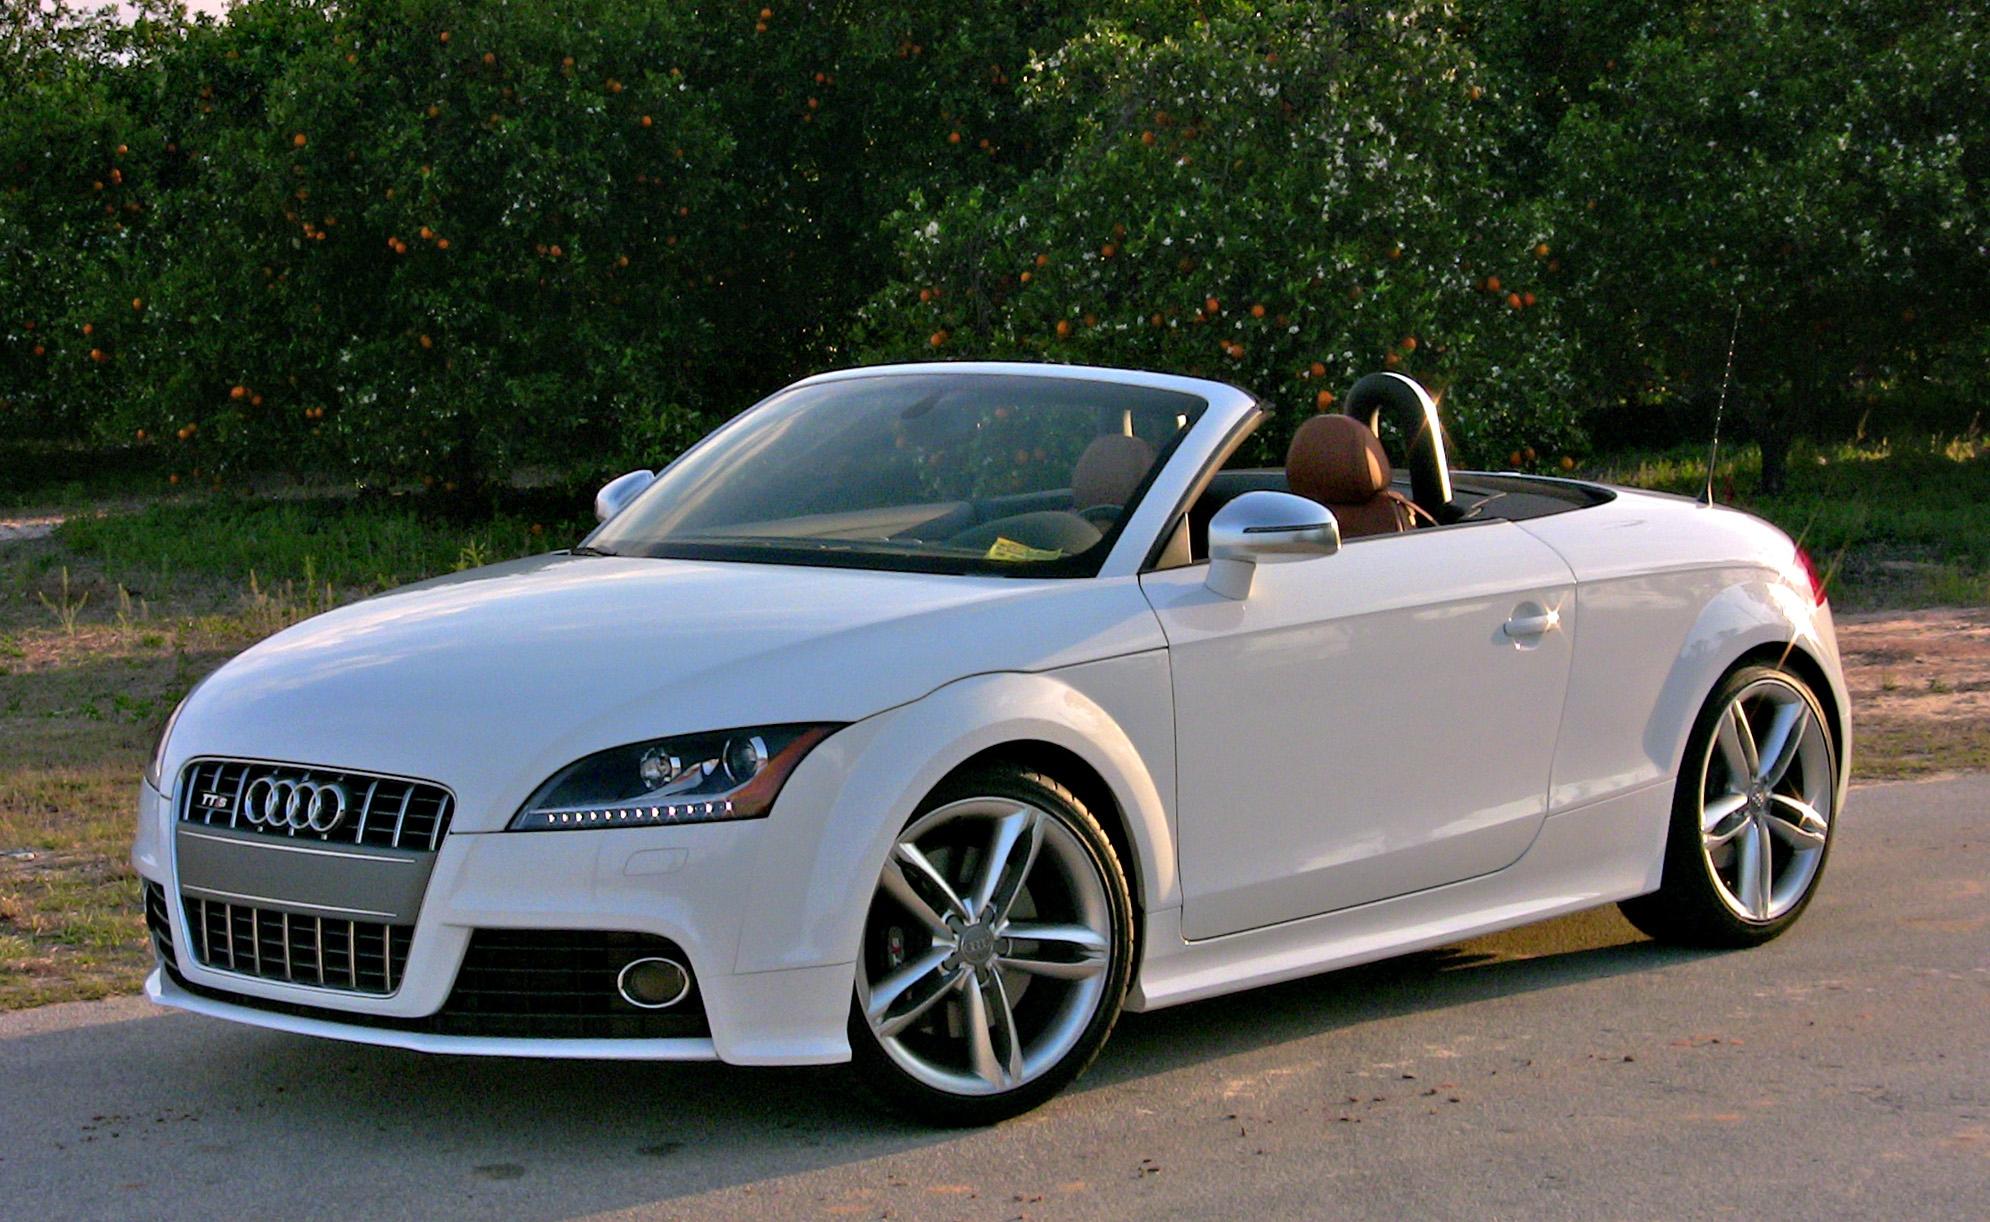 Audi Tt Roadster Hd Background